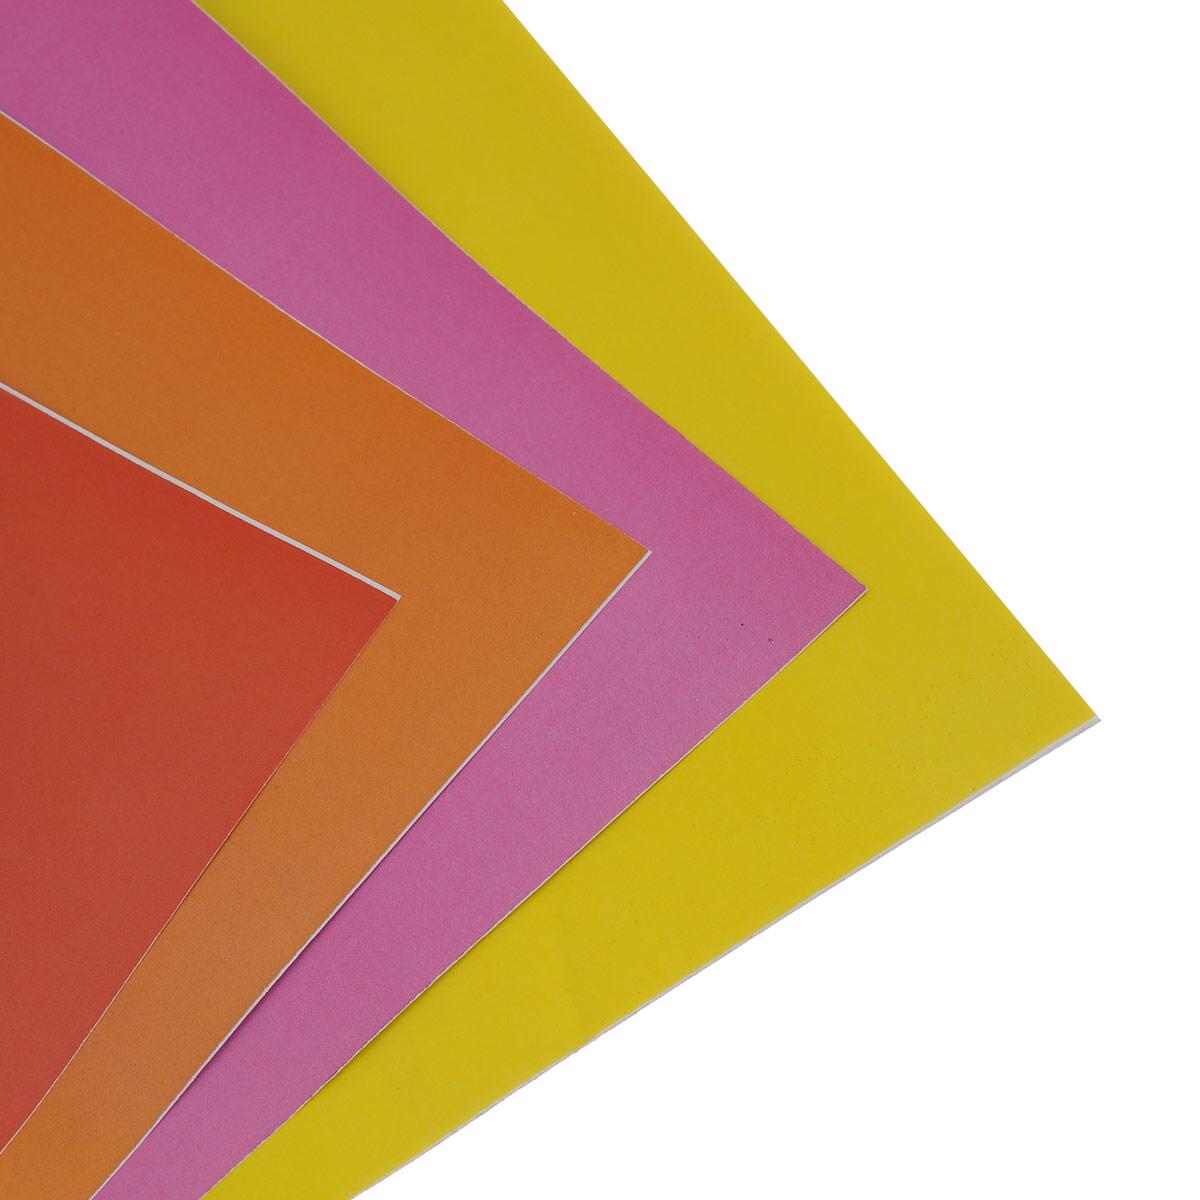 Цветная бумага Hello Kitty. Elvis позволит вашему ребенку создавать всевозможные аппликации и поделки.Набор состоит из 16 листов, скрепленных скобами. Обложка изготовлена из плотного картона с изображением Hello Kitty.Создание поделок из цветной бумаги поможет ребенку в развитии творческих способностей, кроме того, это увлекательный досуг.